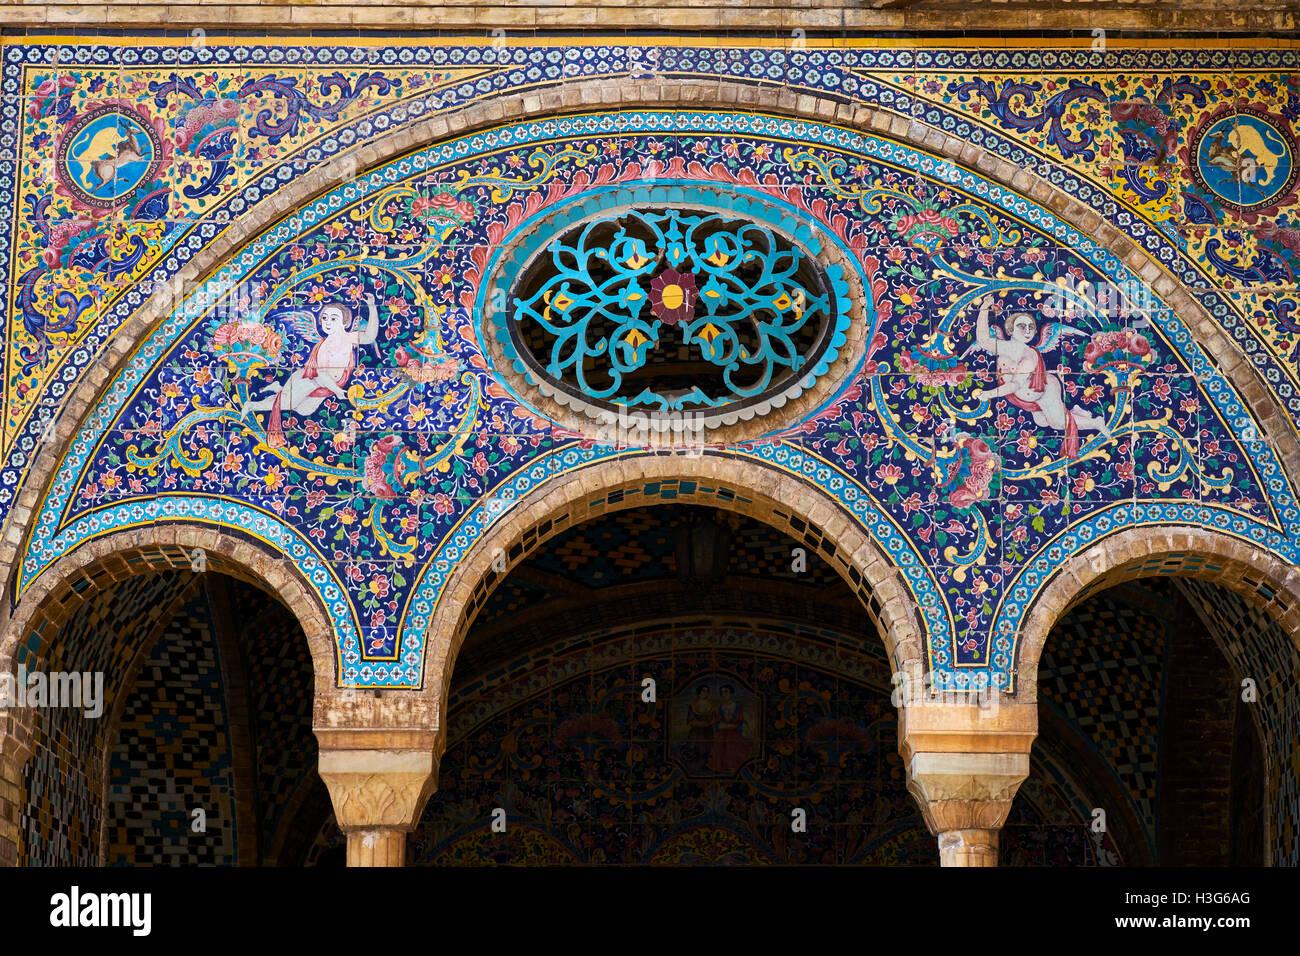 Iran, Teheran, Golestan Palast, Weltkulturerbe Der UNESCO, Geflieste  Dekorationen